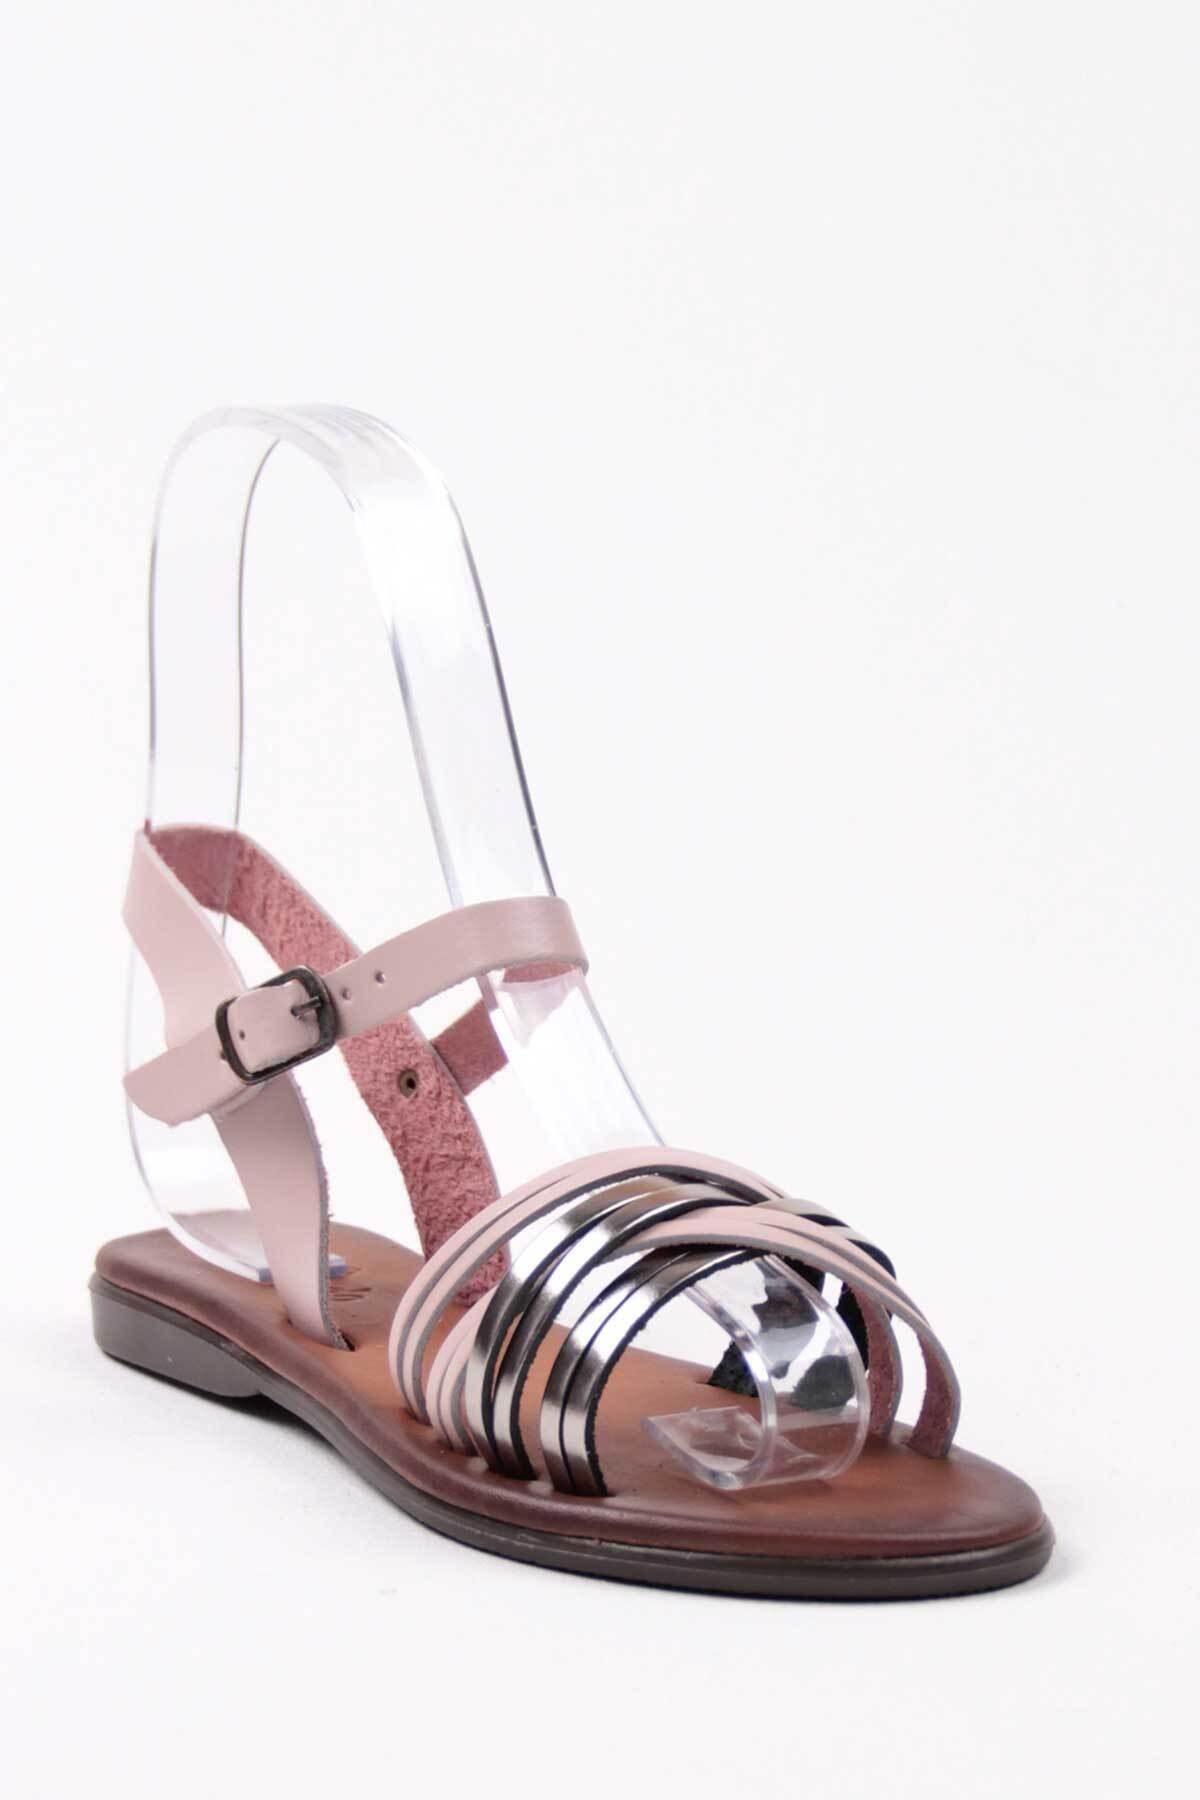 Oioi Kadın Sandalet 1017-123-0003 2